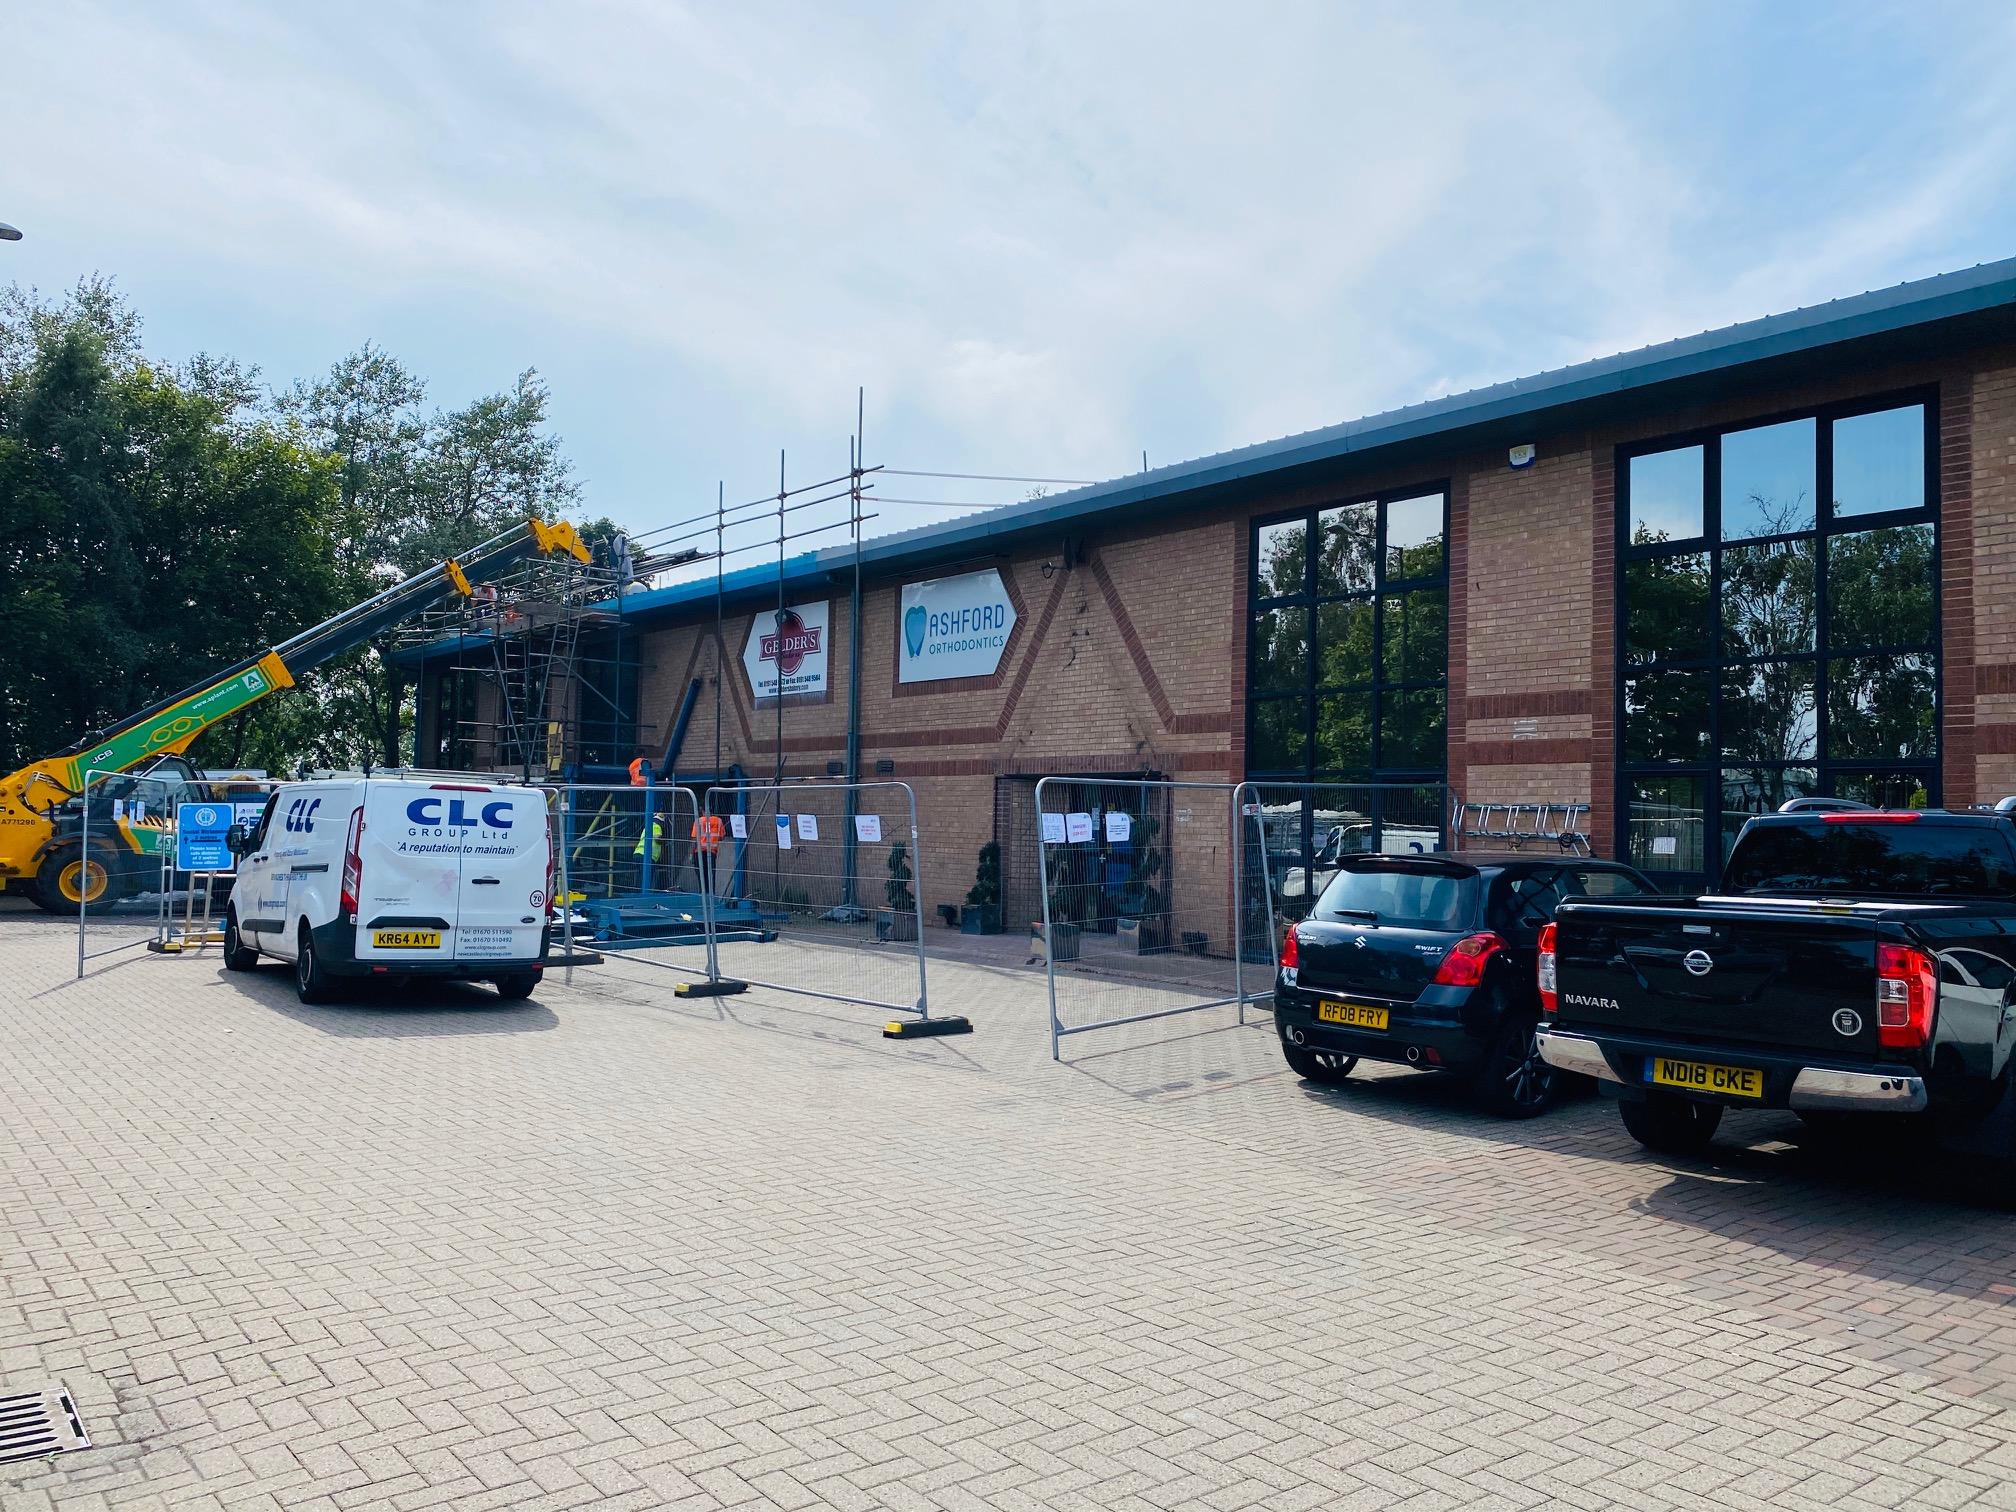 Ashford expansion is underway!